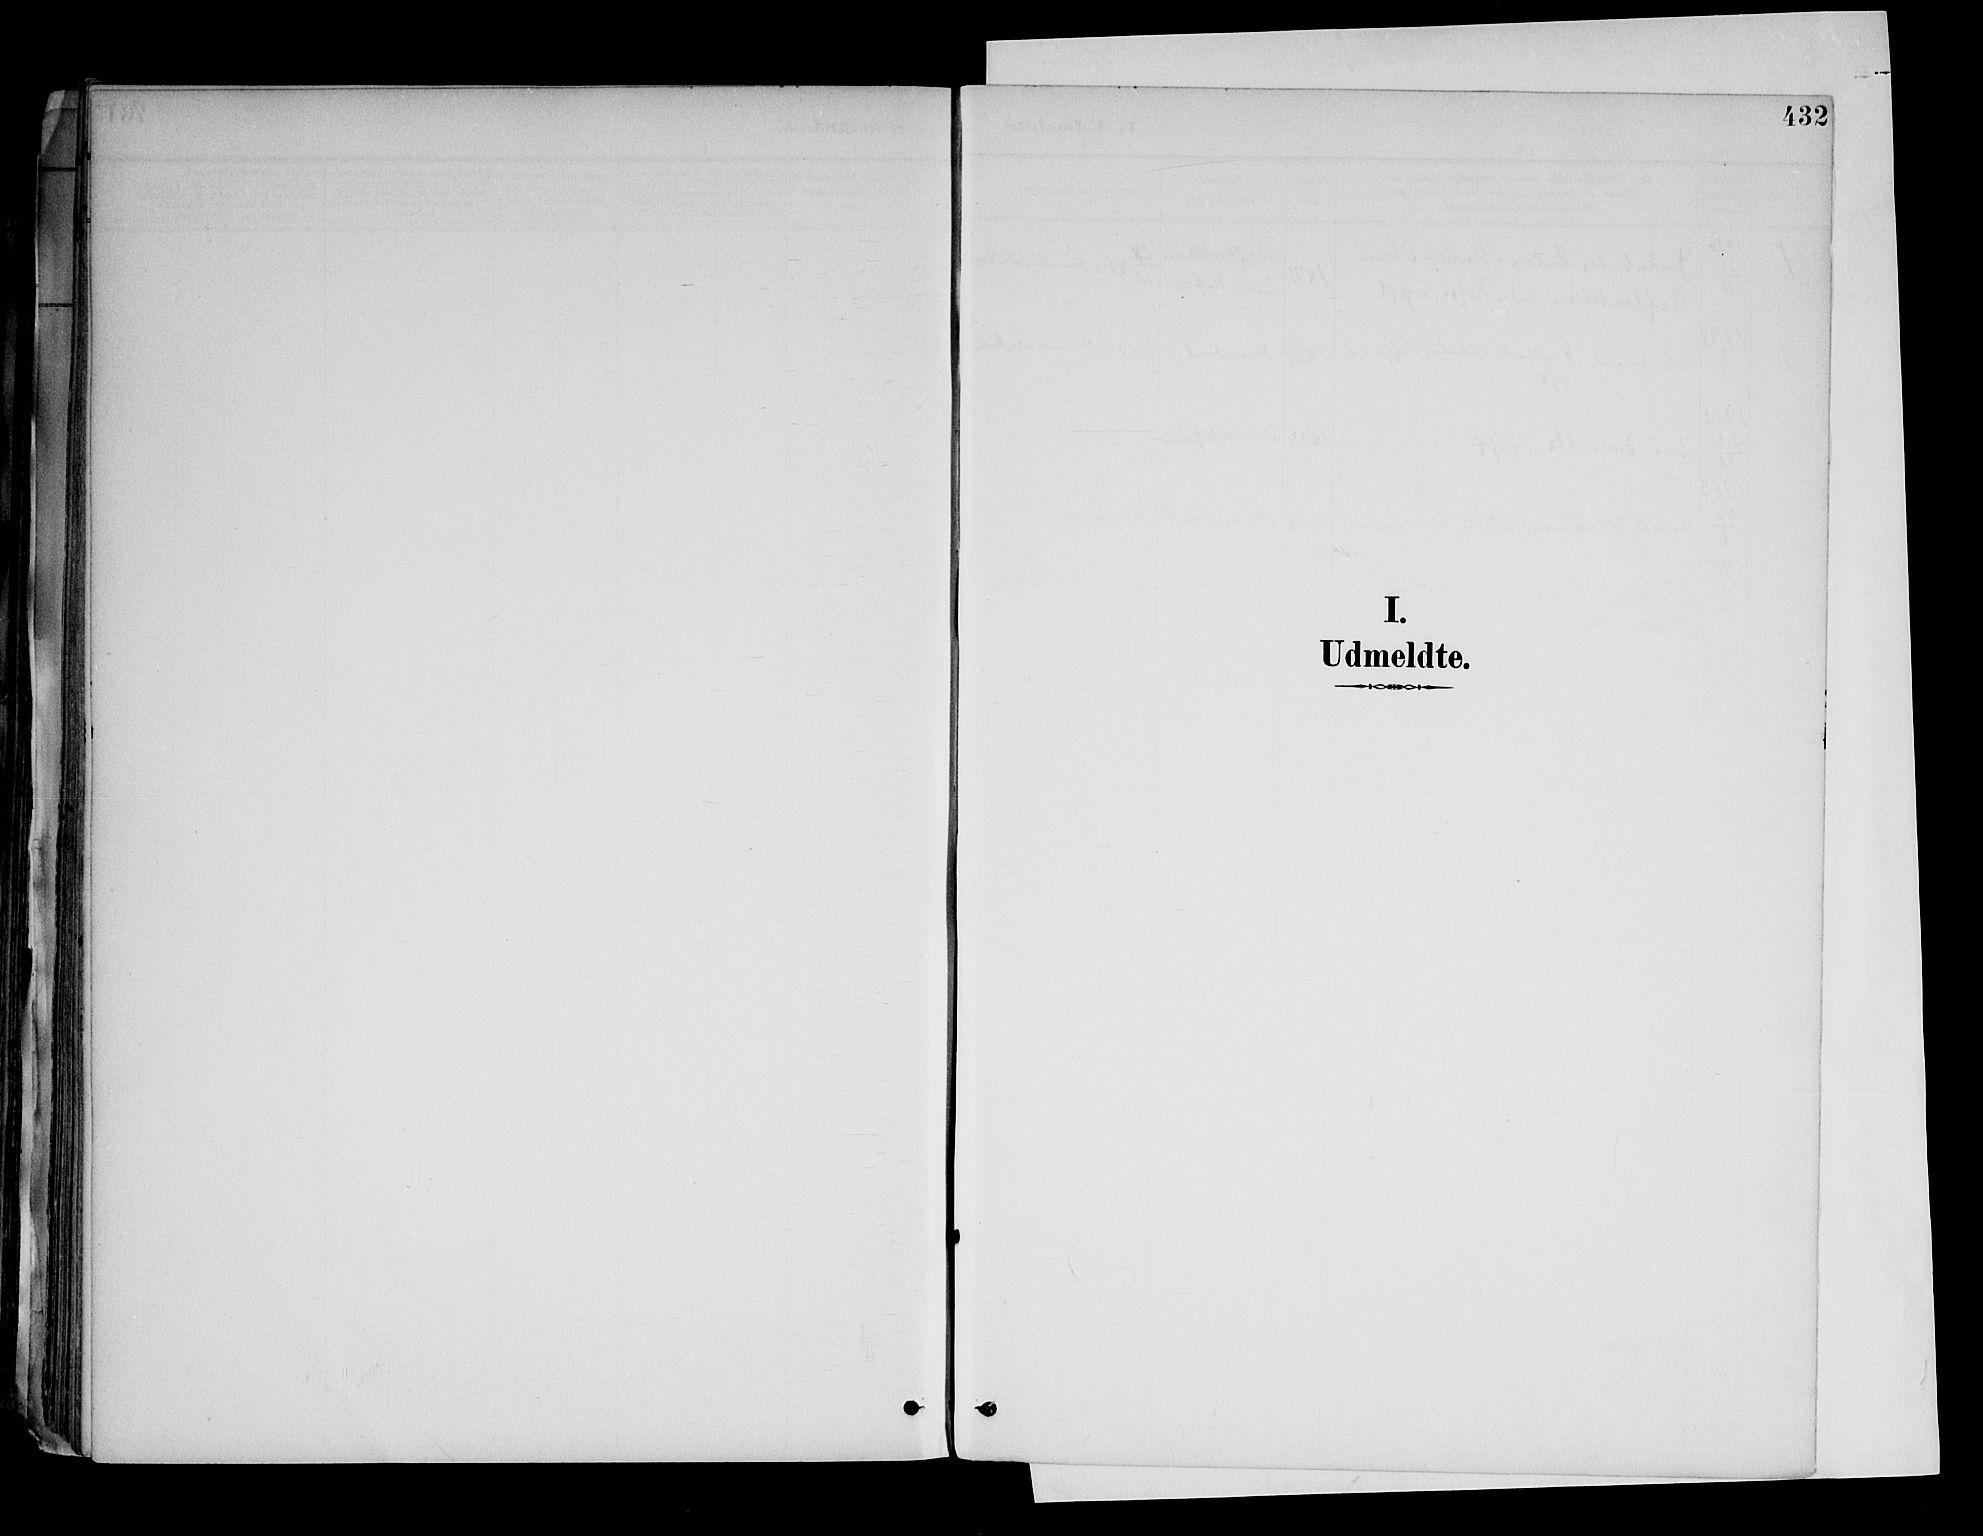 SAH, Brandval prestekontor, H/Ha/Haa/L0003: Ministerialbok nr. 3, 1894-1909, s. 432